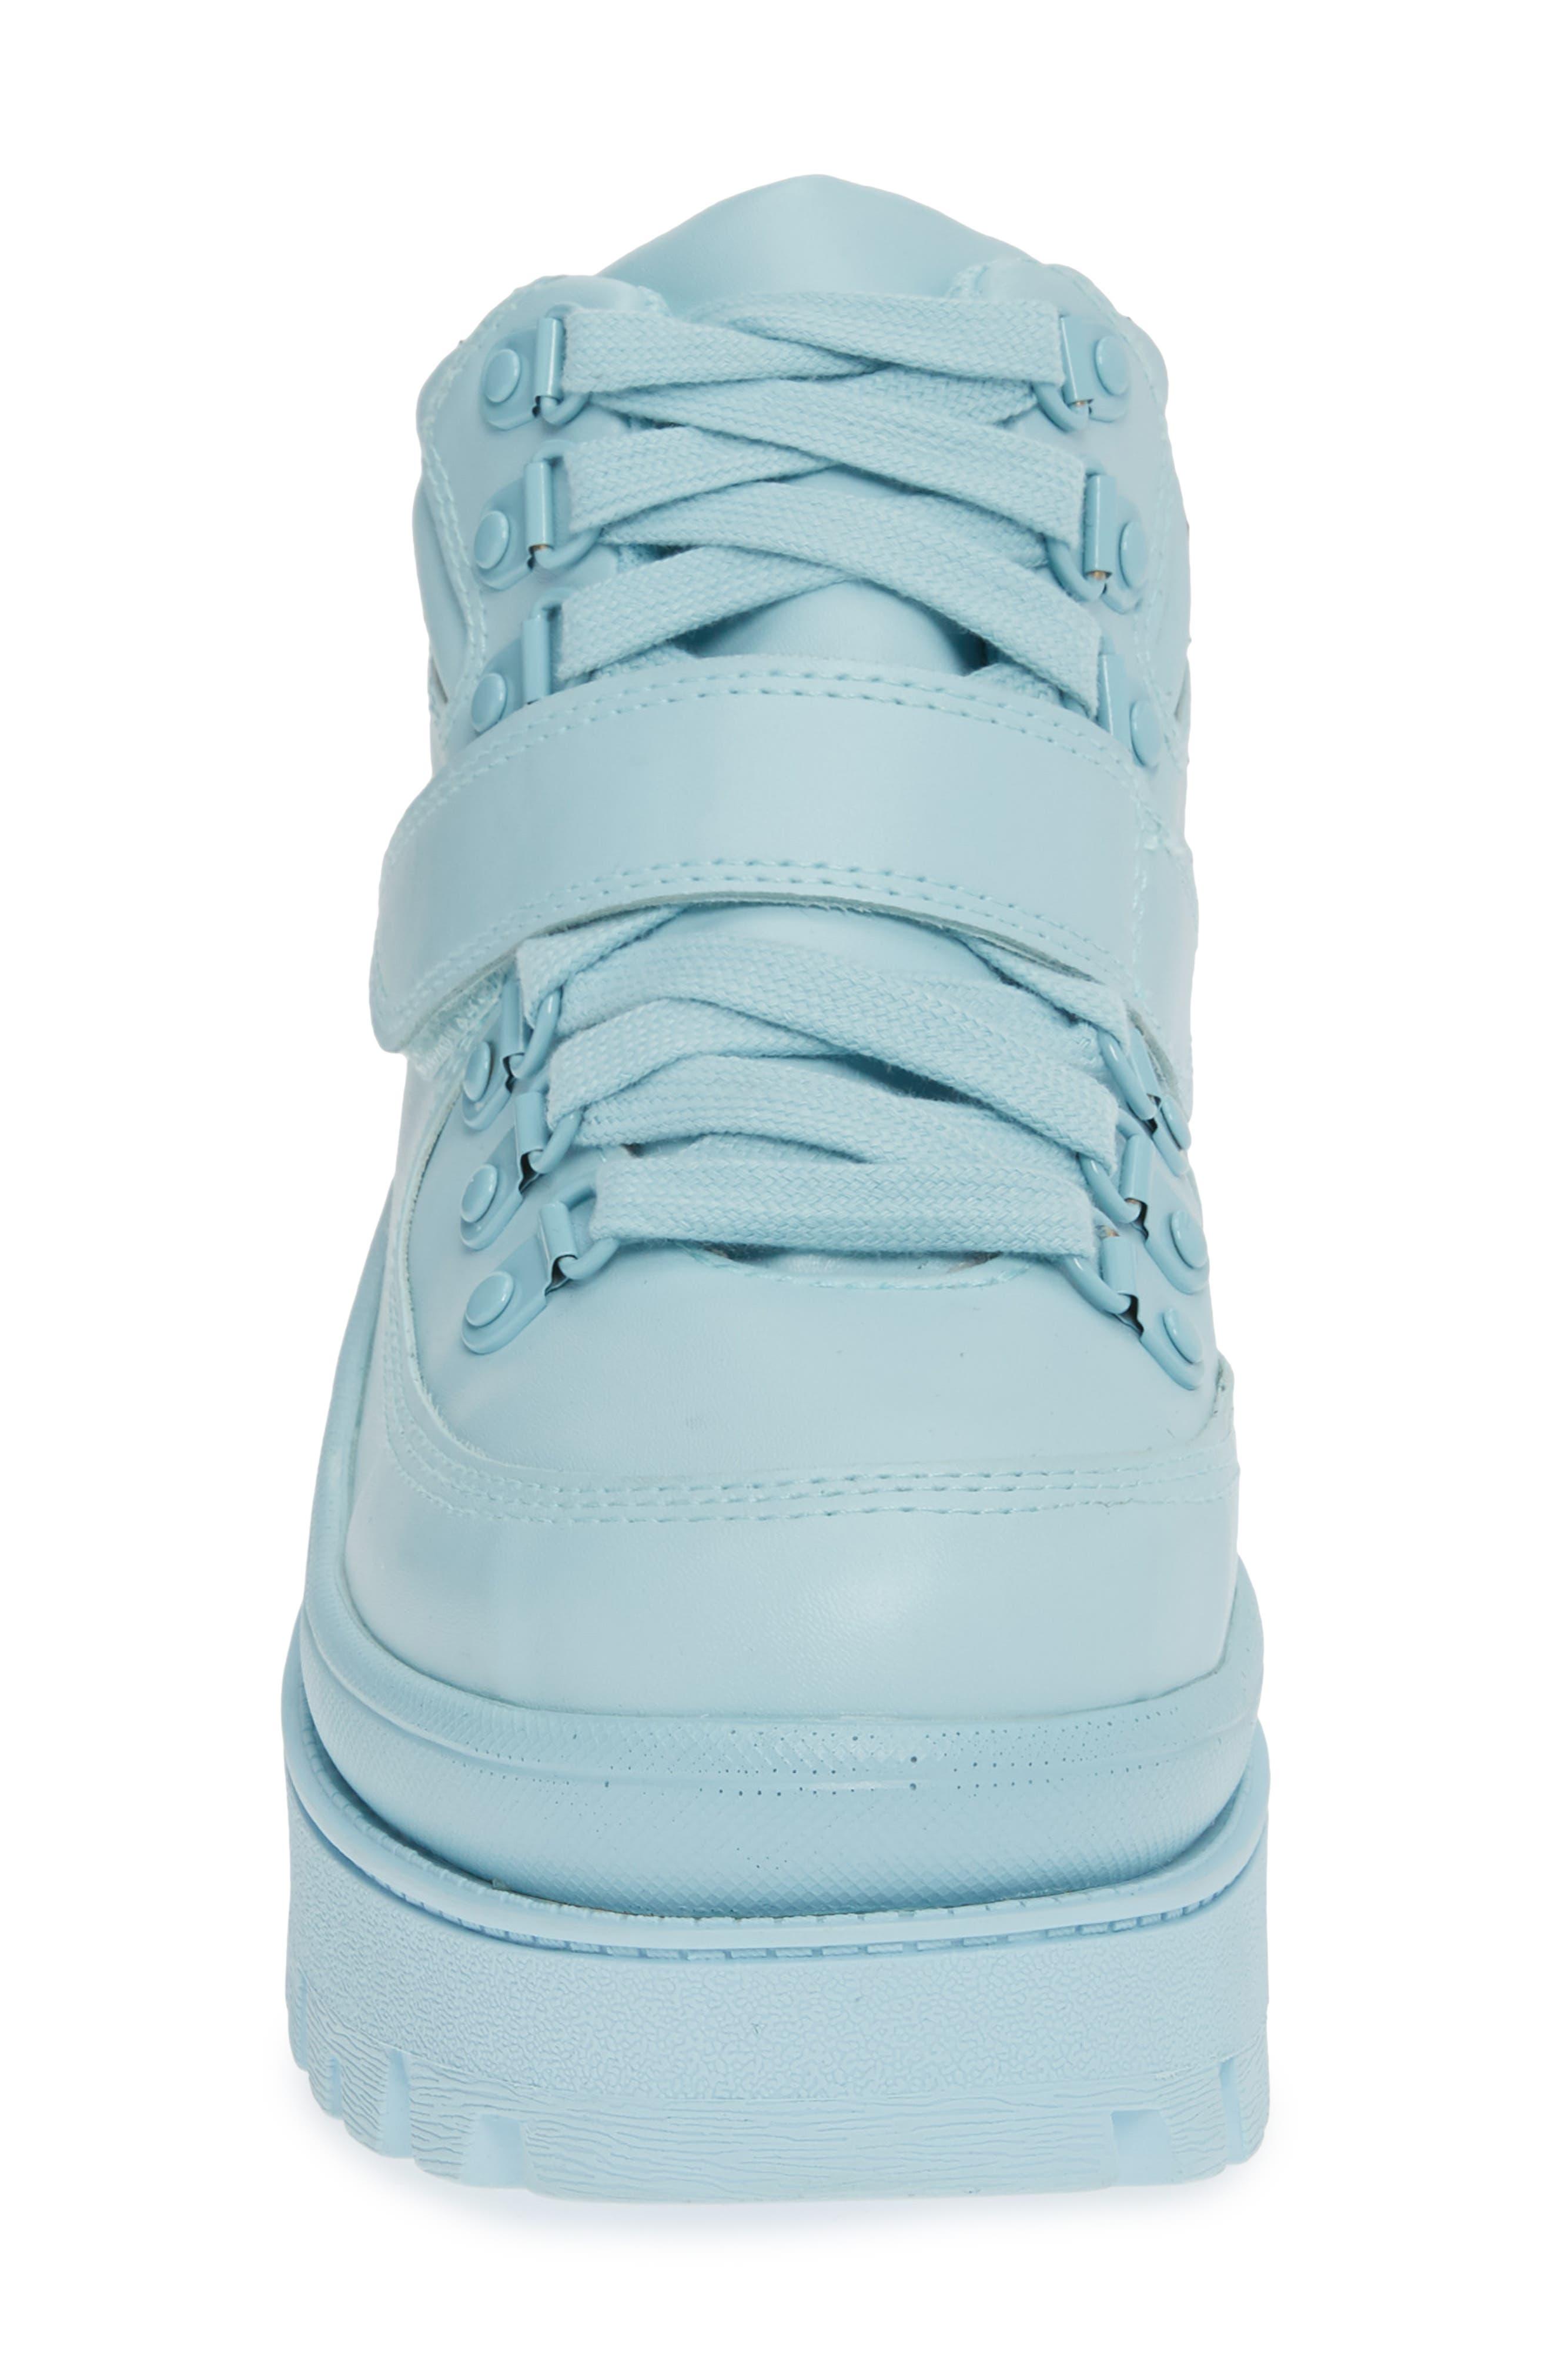 JEFFREY CAMPBELL, Top Peak 2 Platform Sneaker, Alternate thumbnail 4, color, BLUE FAUX LEATHER